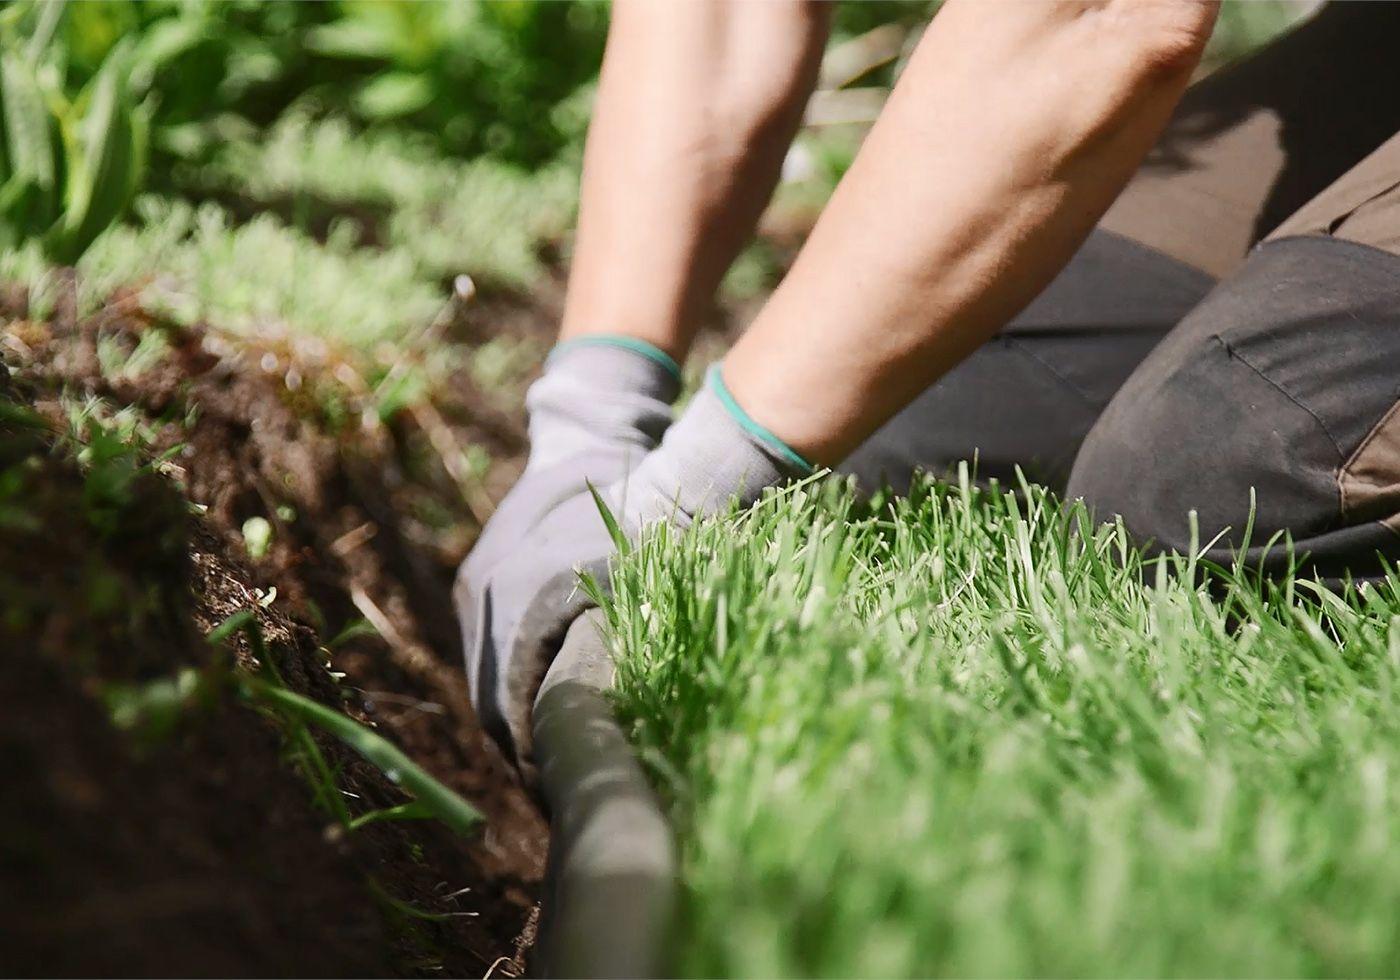 Istutusten sekaan karkaava nurmikko on yleinen ongelma pihoilla. Jos istutusalue jatkuu metrikaupalla, nurmikko kannattaa rajata reunanauhalla. Katso videolta Viherpihan asiantuntijan Lotta Lindholmin ohjeet.